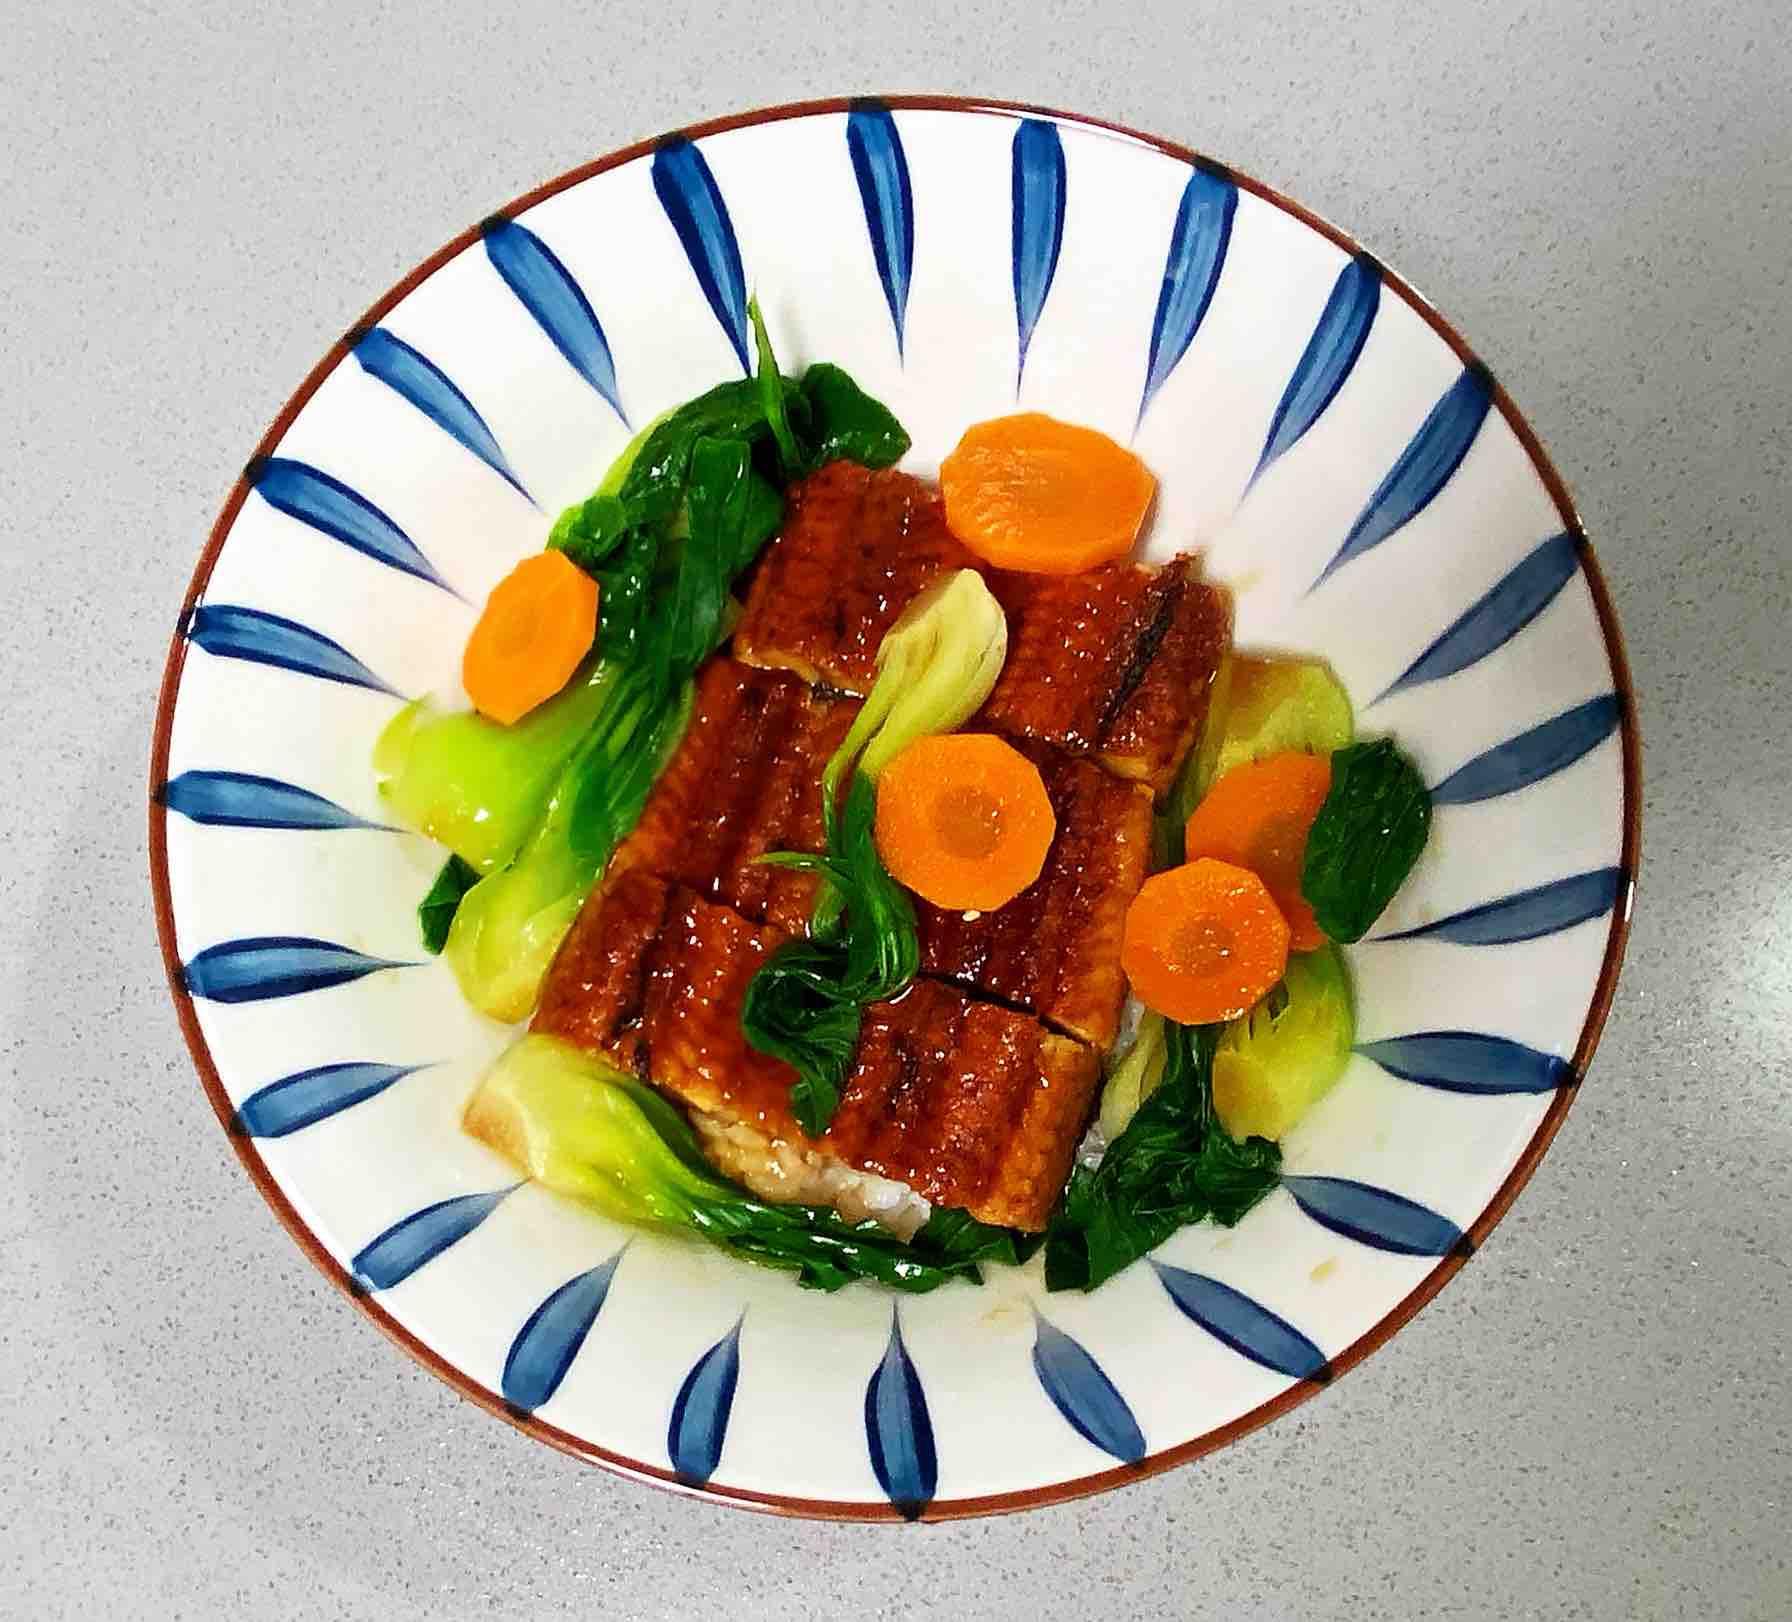 【孕妇食谱】日式蒲烧鳗鱼饭,酱汁浓郁、肉质香嫩,回味无穷~怎么炖